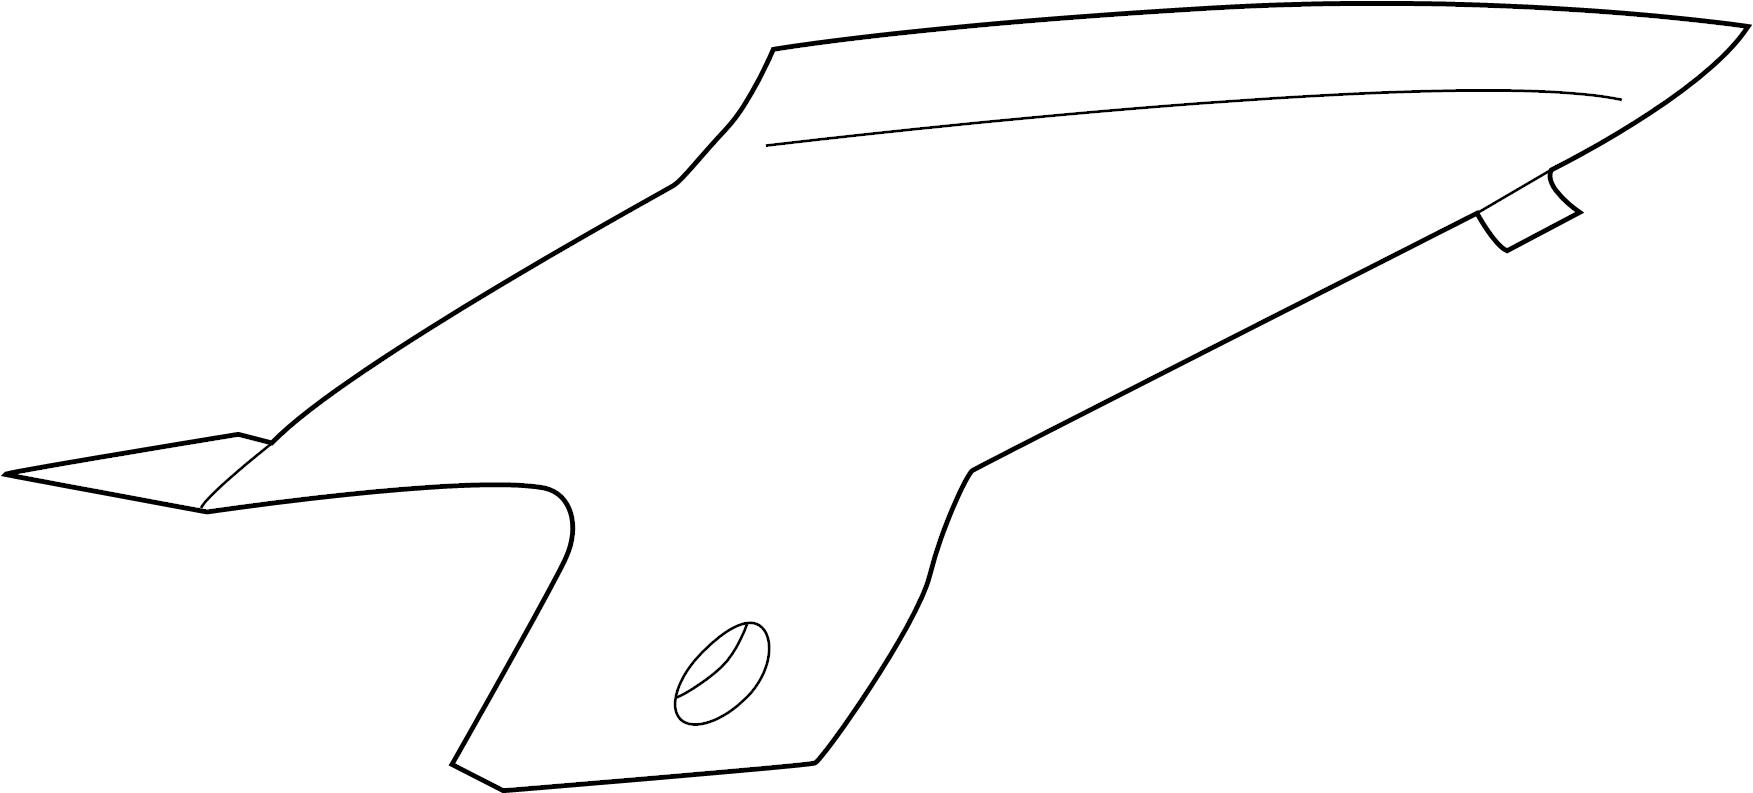 INFINITI I35 Interior Quarter Panel Trim Panel (Left, Rear